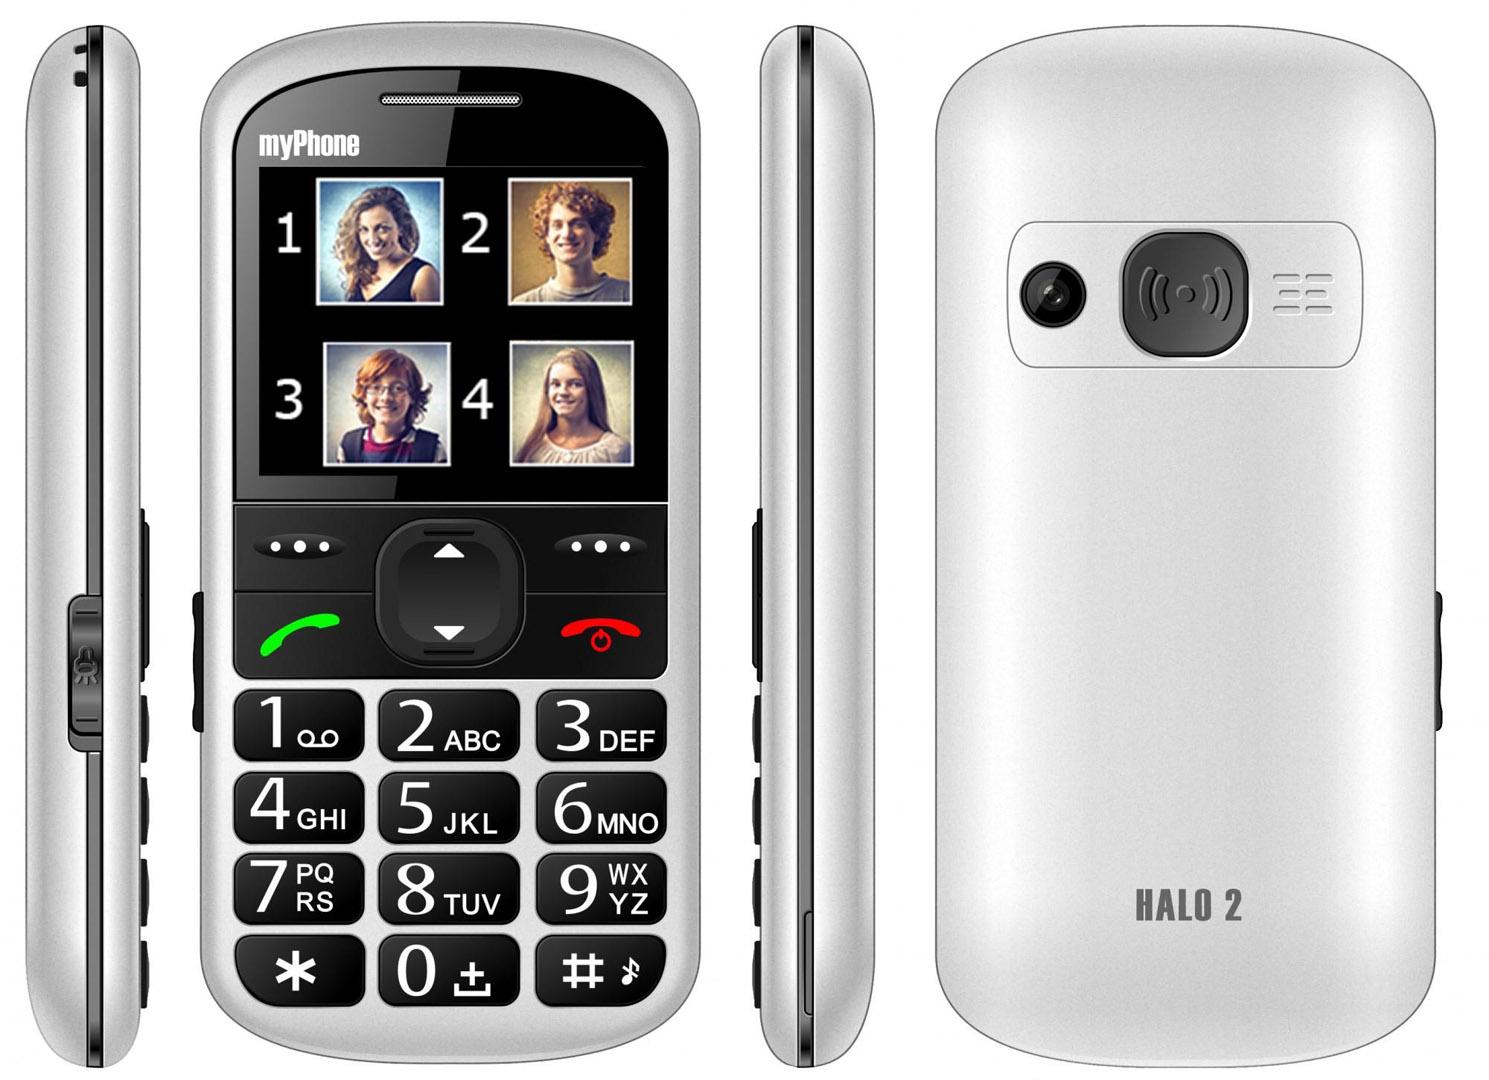 MyPhone HALO 2 white (damaged box)